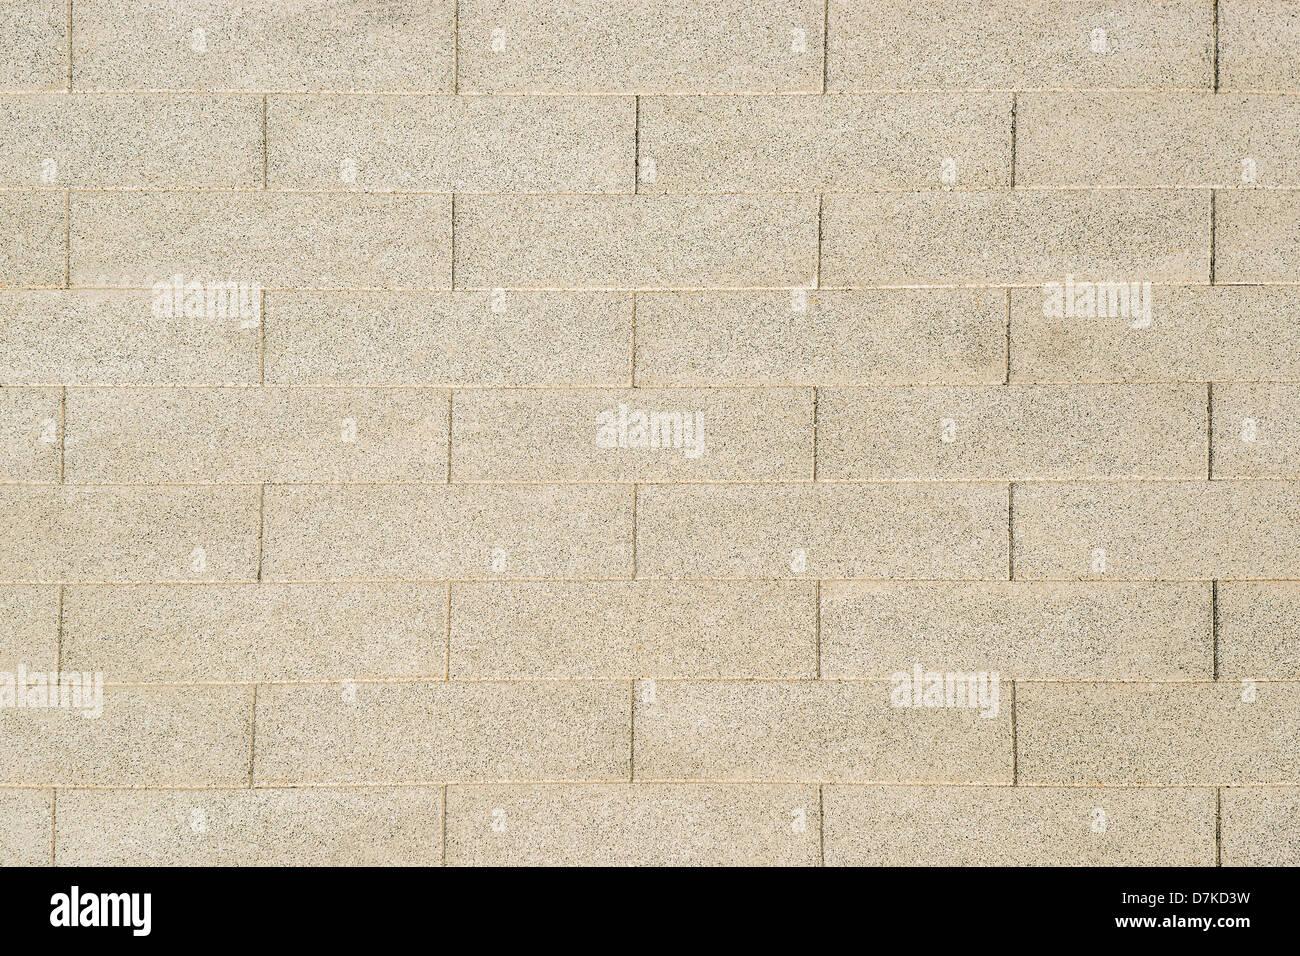 Piastrelle di calcestruzzo pavimento per texture di sfondo foto